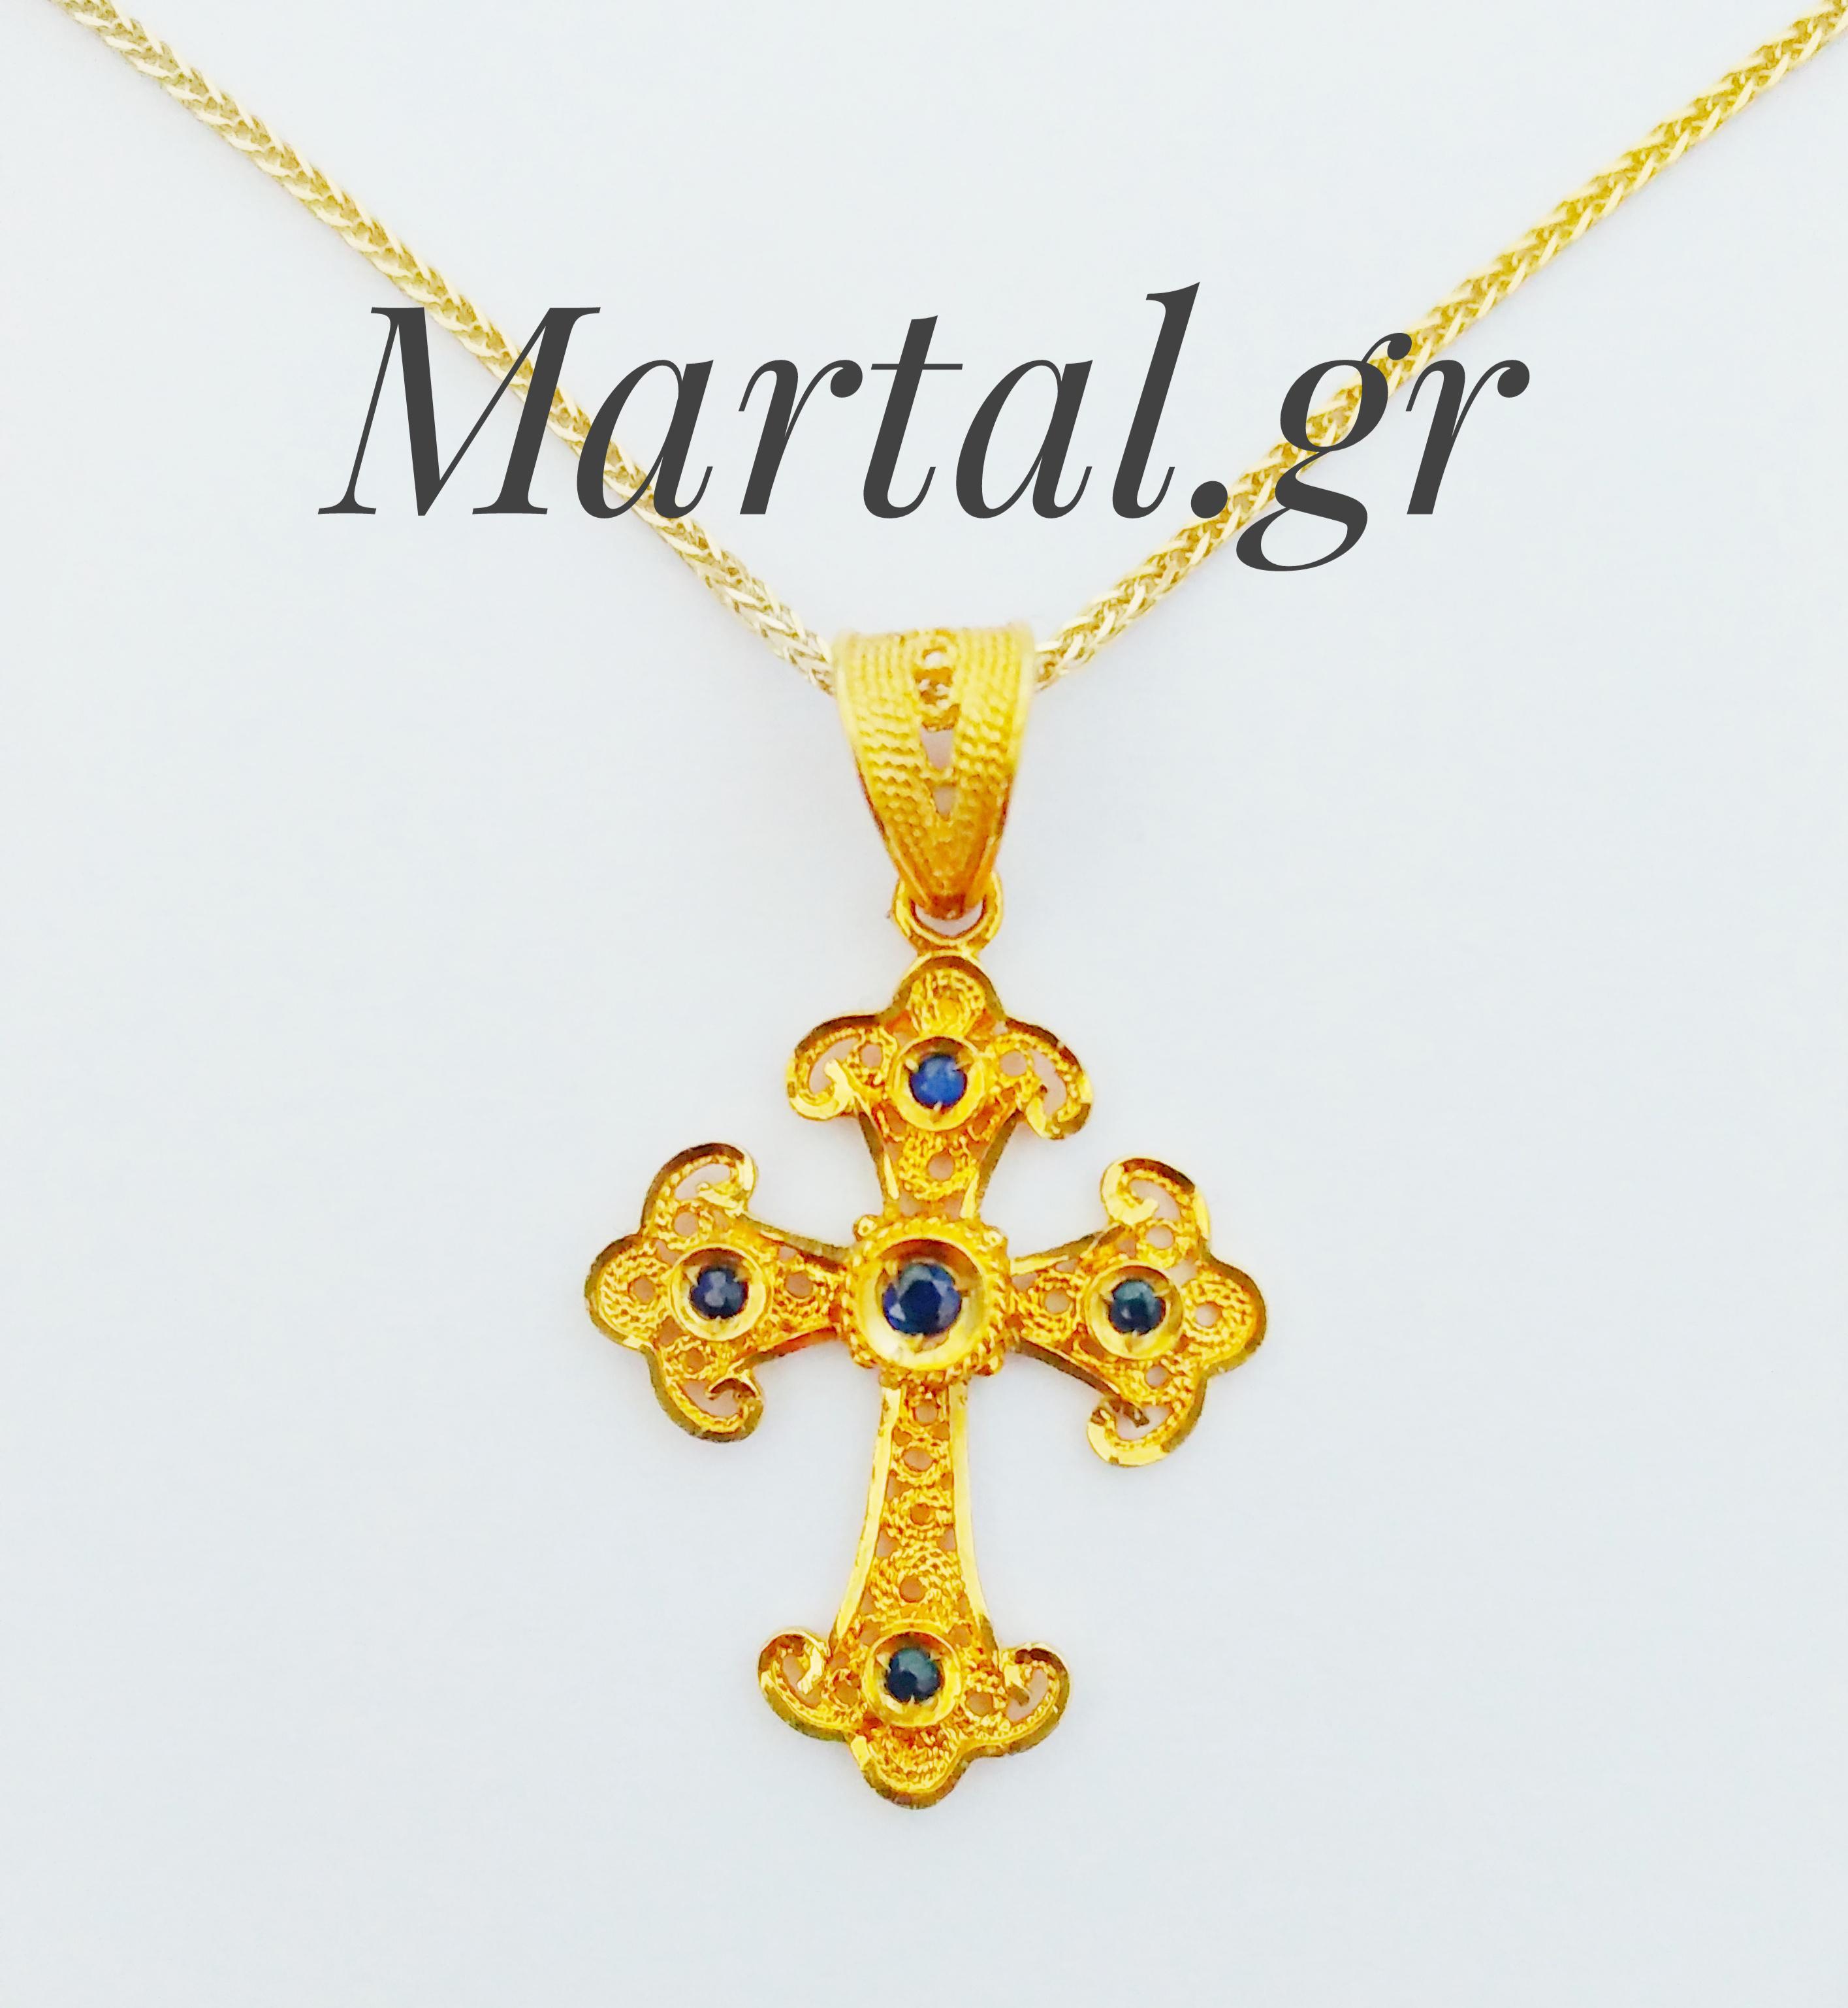 Χρυσός Σταυρός 18Κ με ζαφείρια - Martal.gr 5c54503b0e4